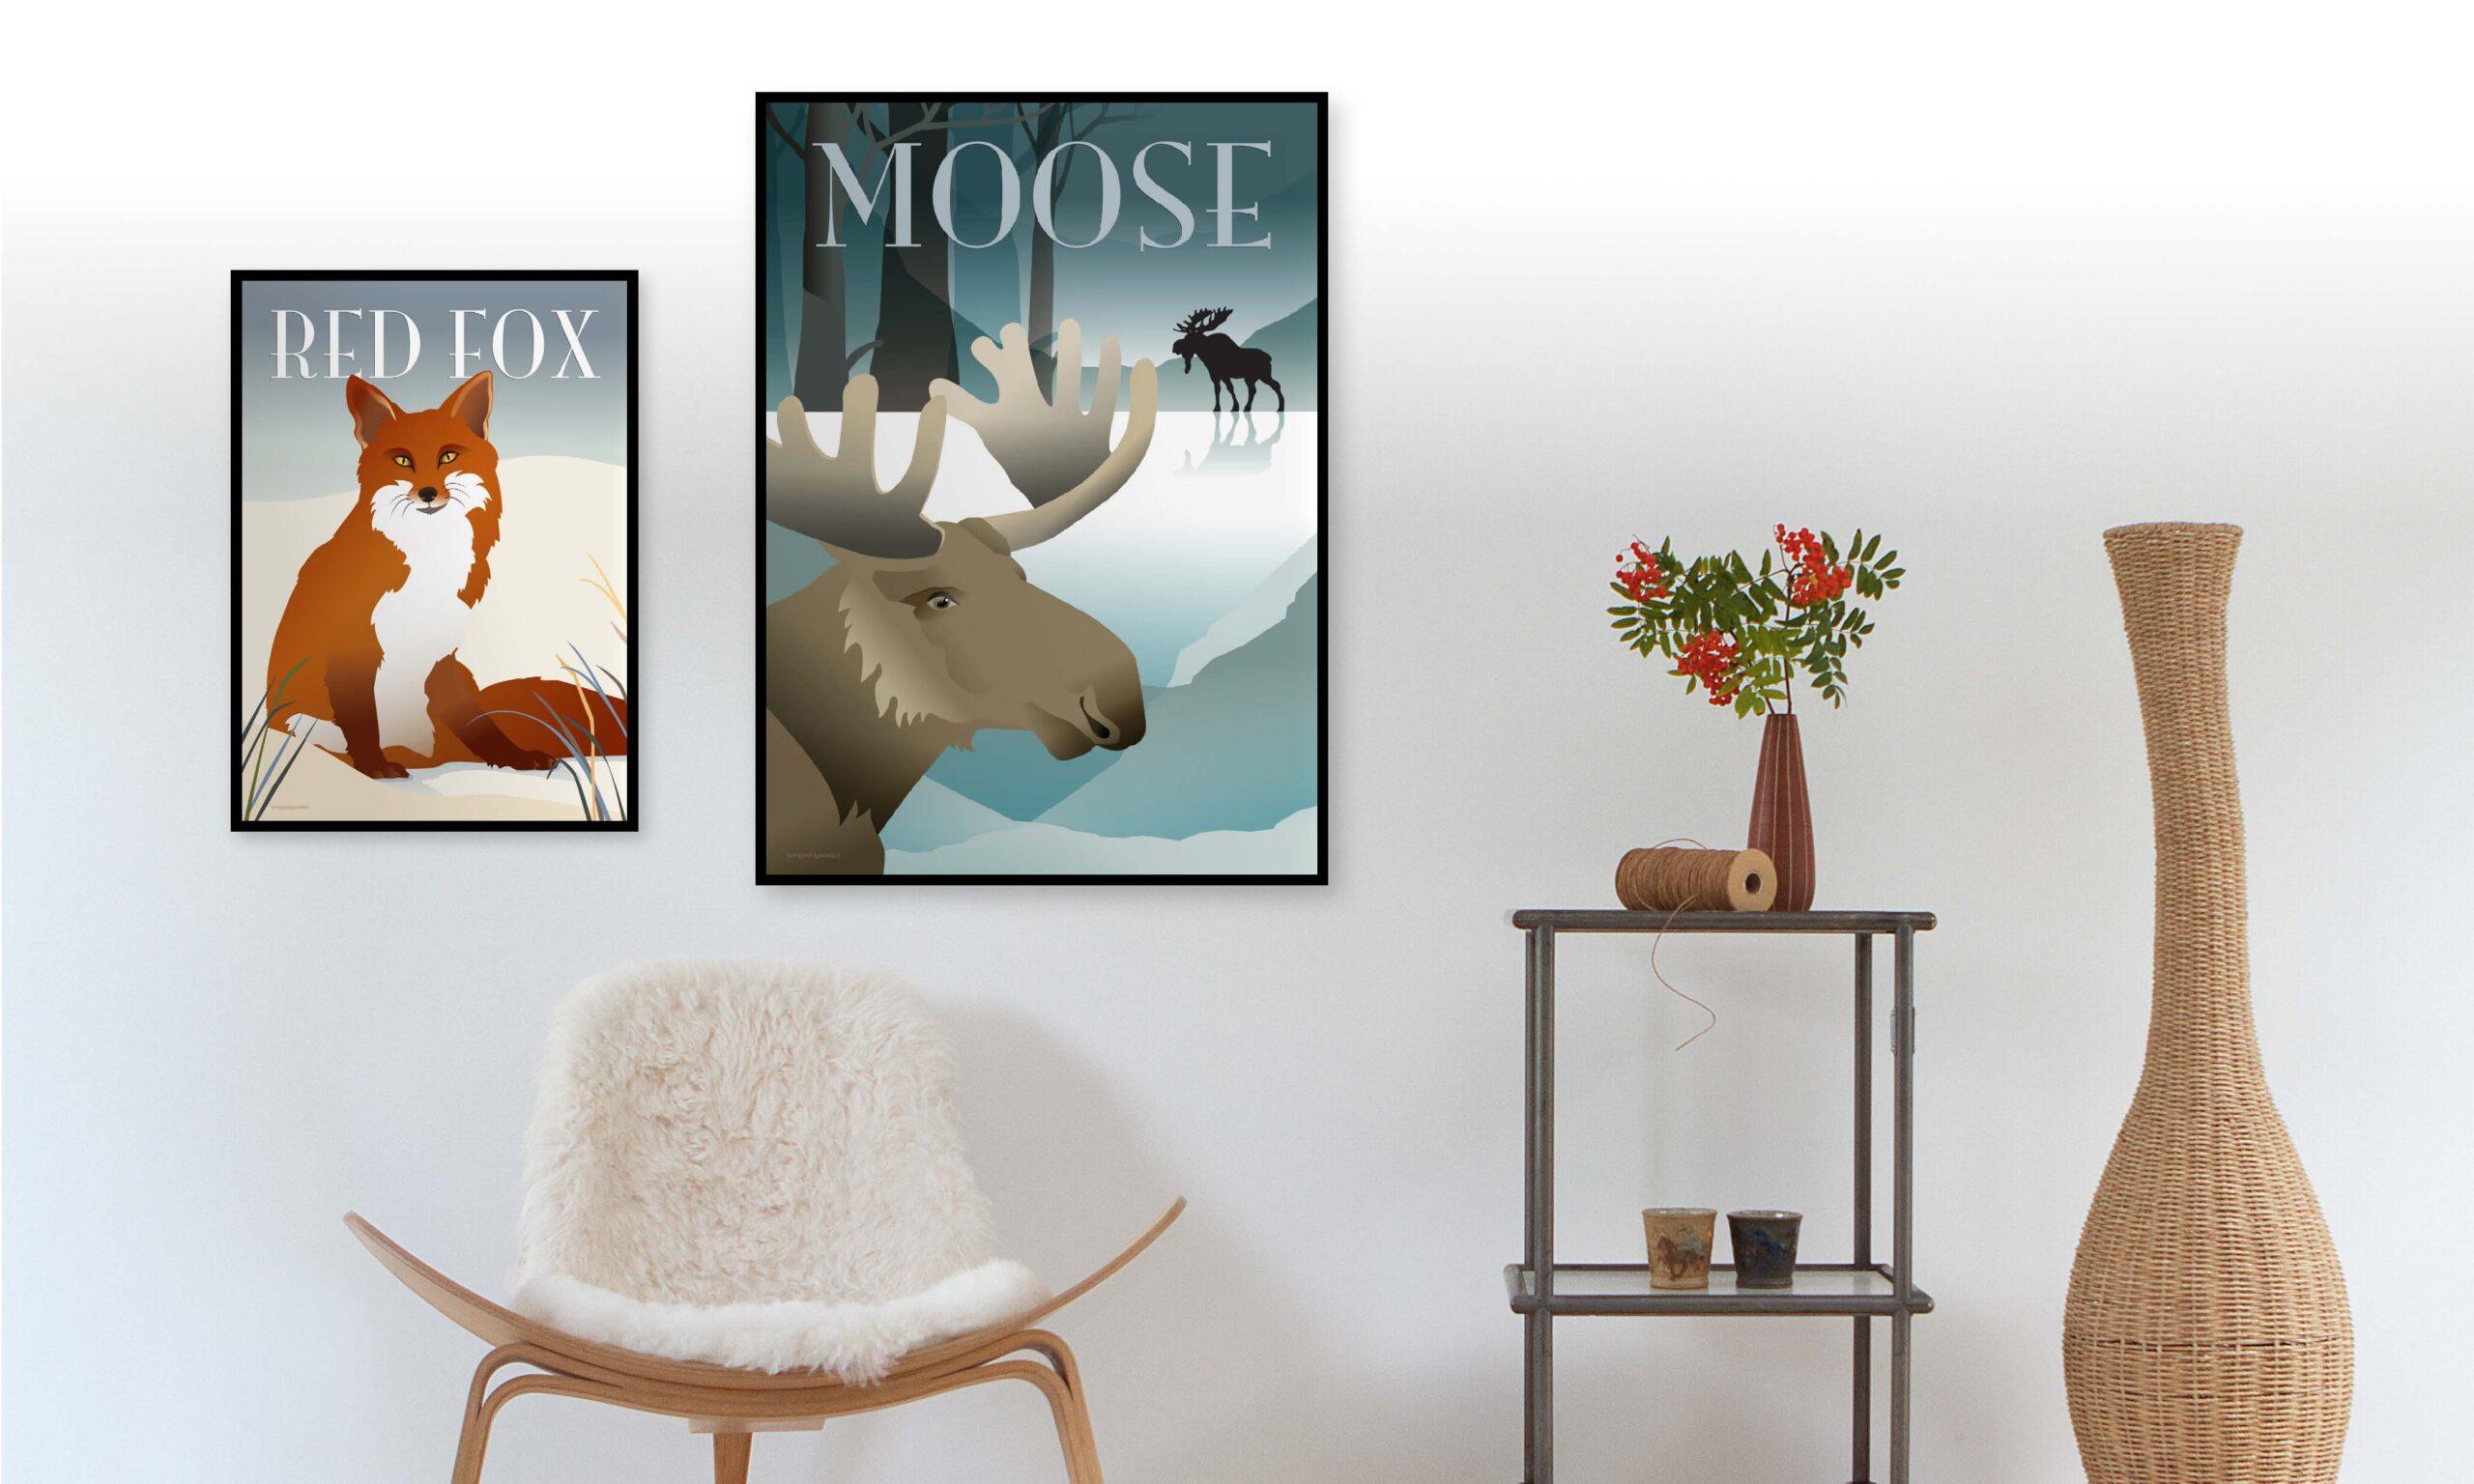 Den søge Ræv og elgeplakaten hænger på vægen i stuen